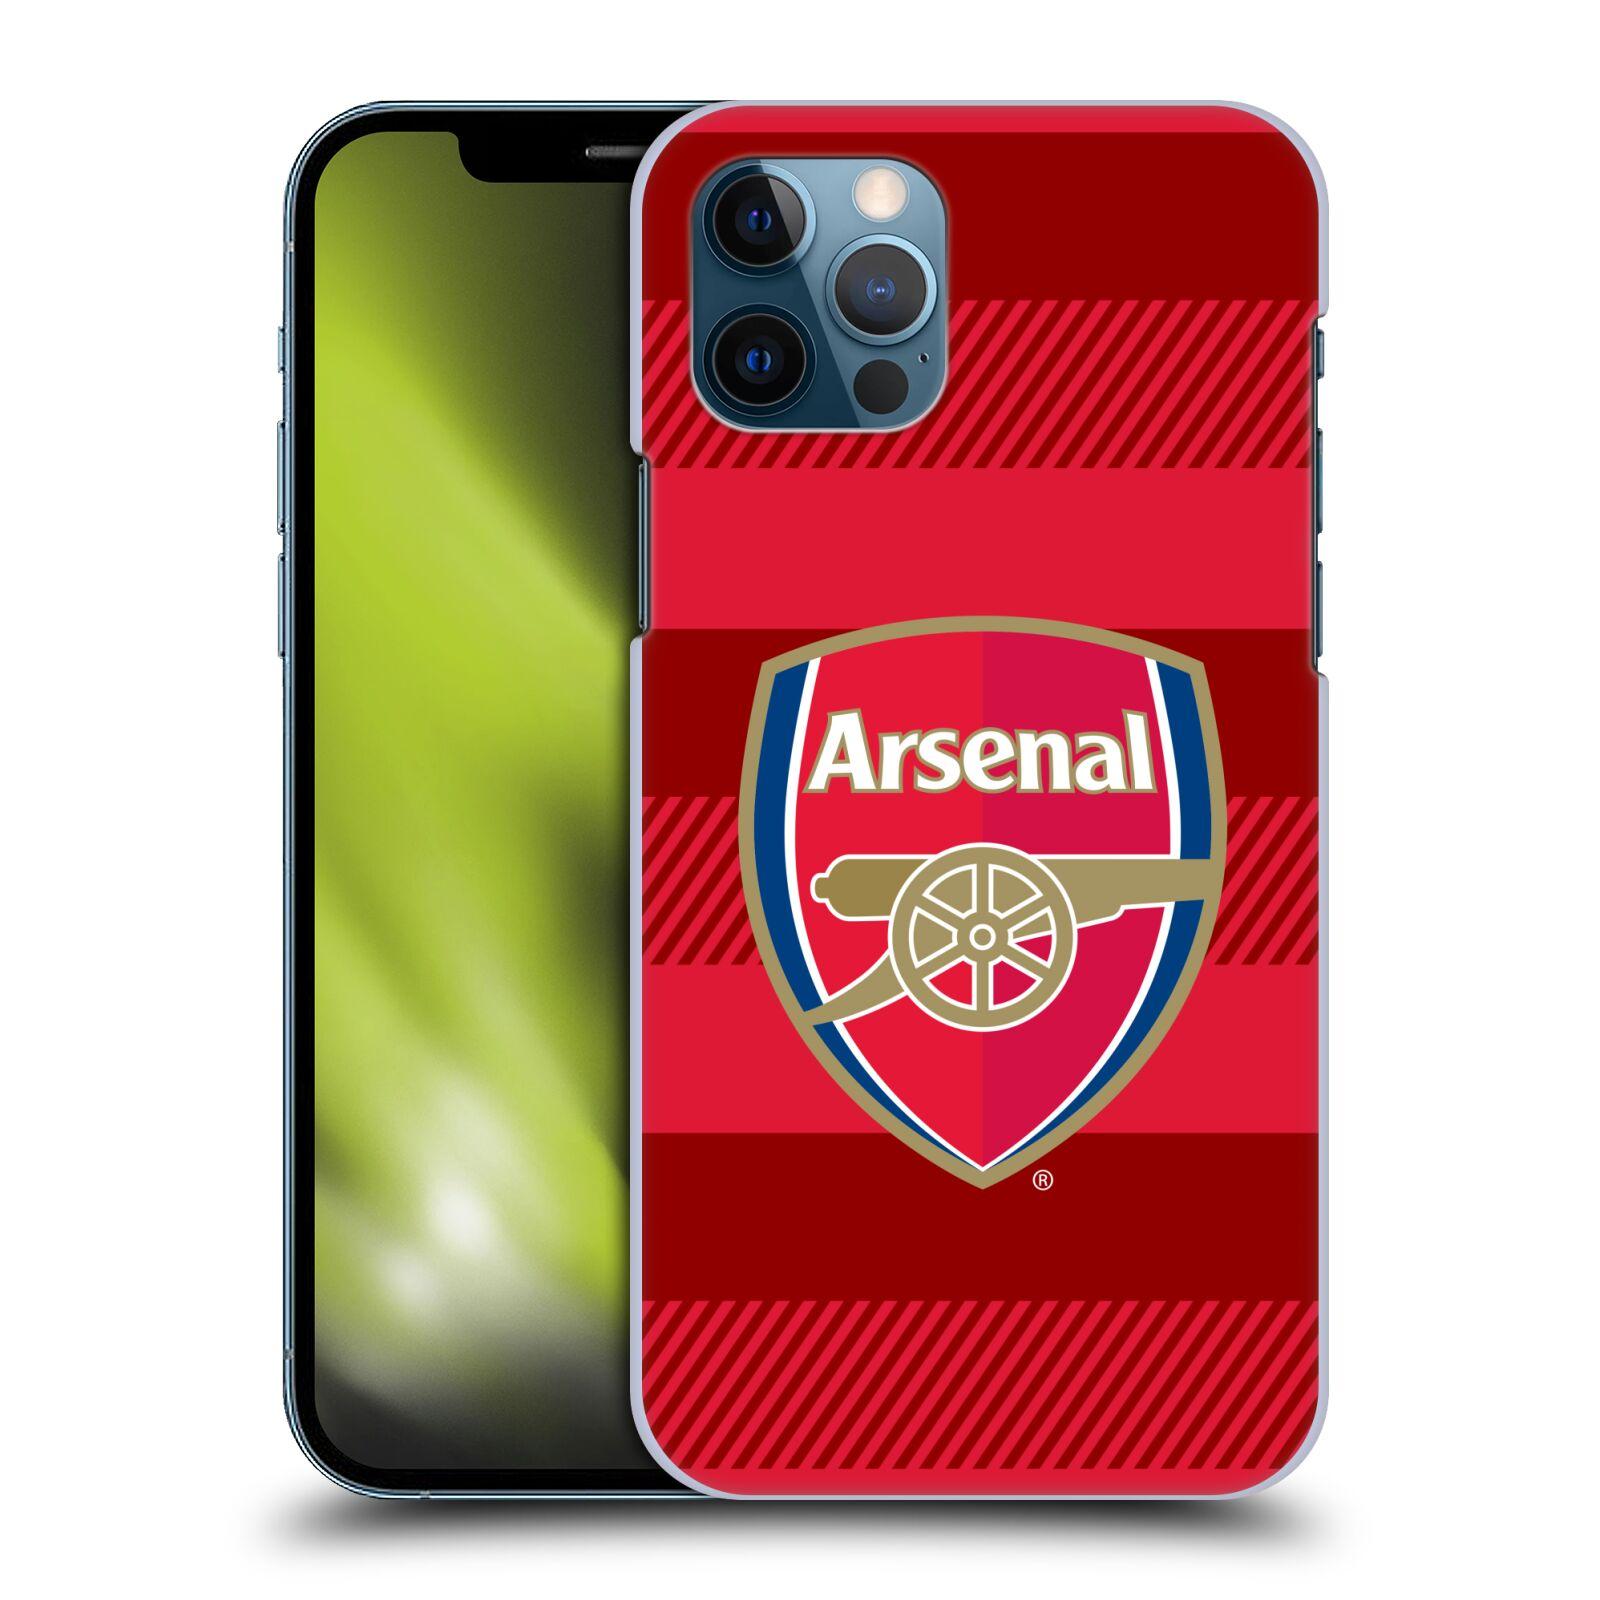 Plastové pouzdro na mobil Apple iPhone 12 / 12 Pro - Head Case - Arsenal FC - Logo s pruhy